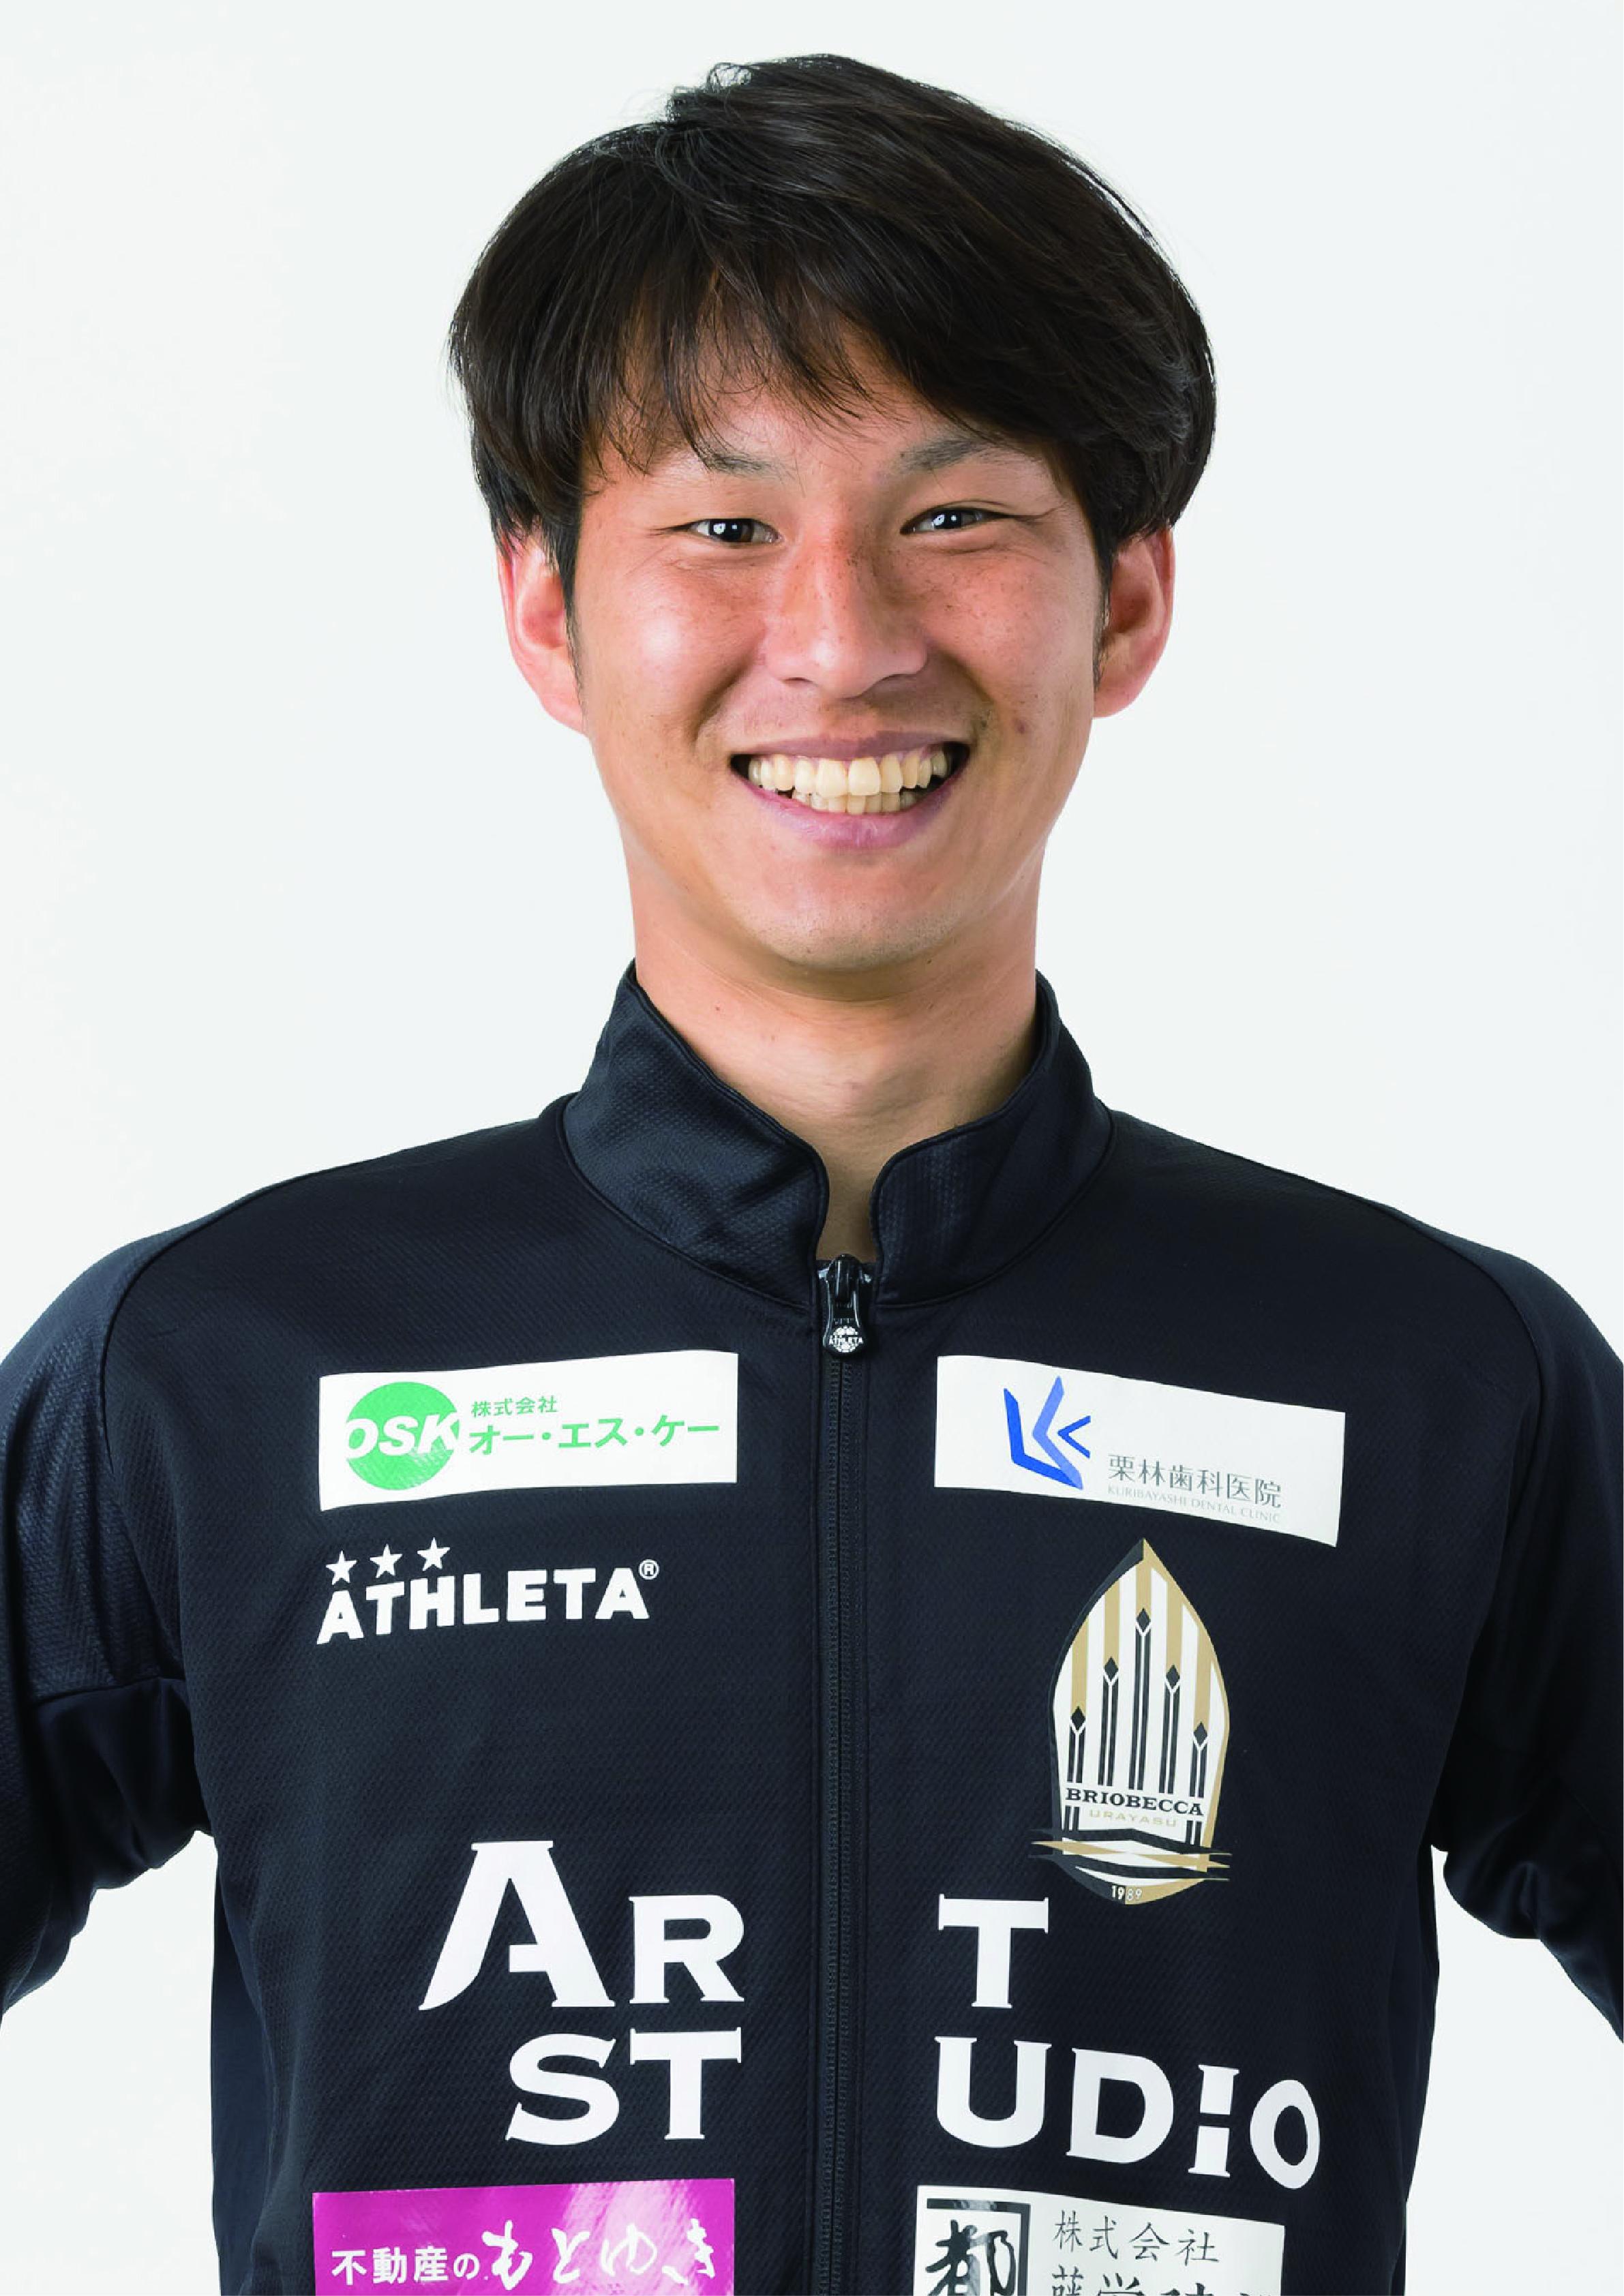 上松瑛コーチ